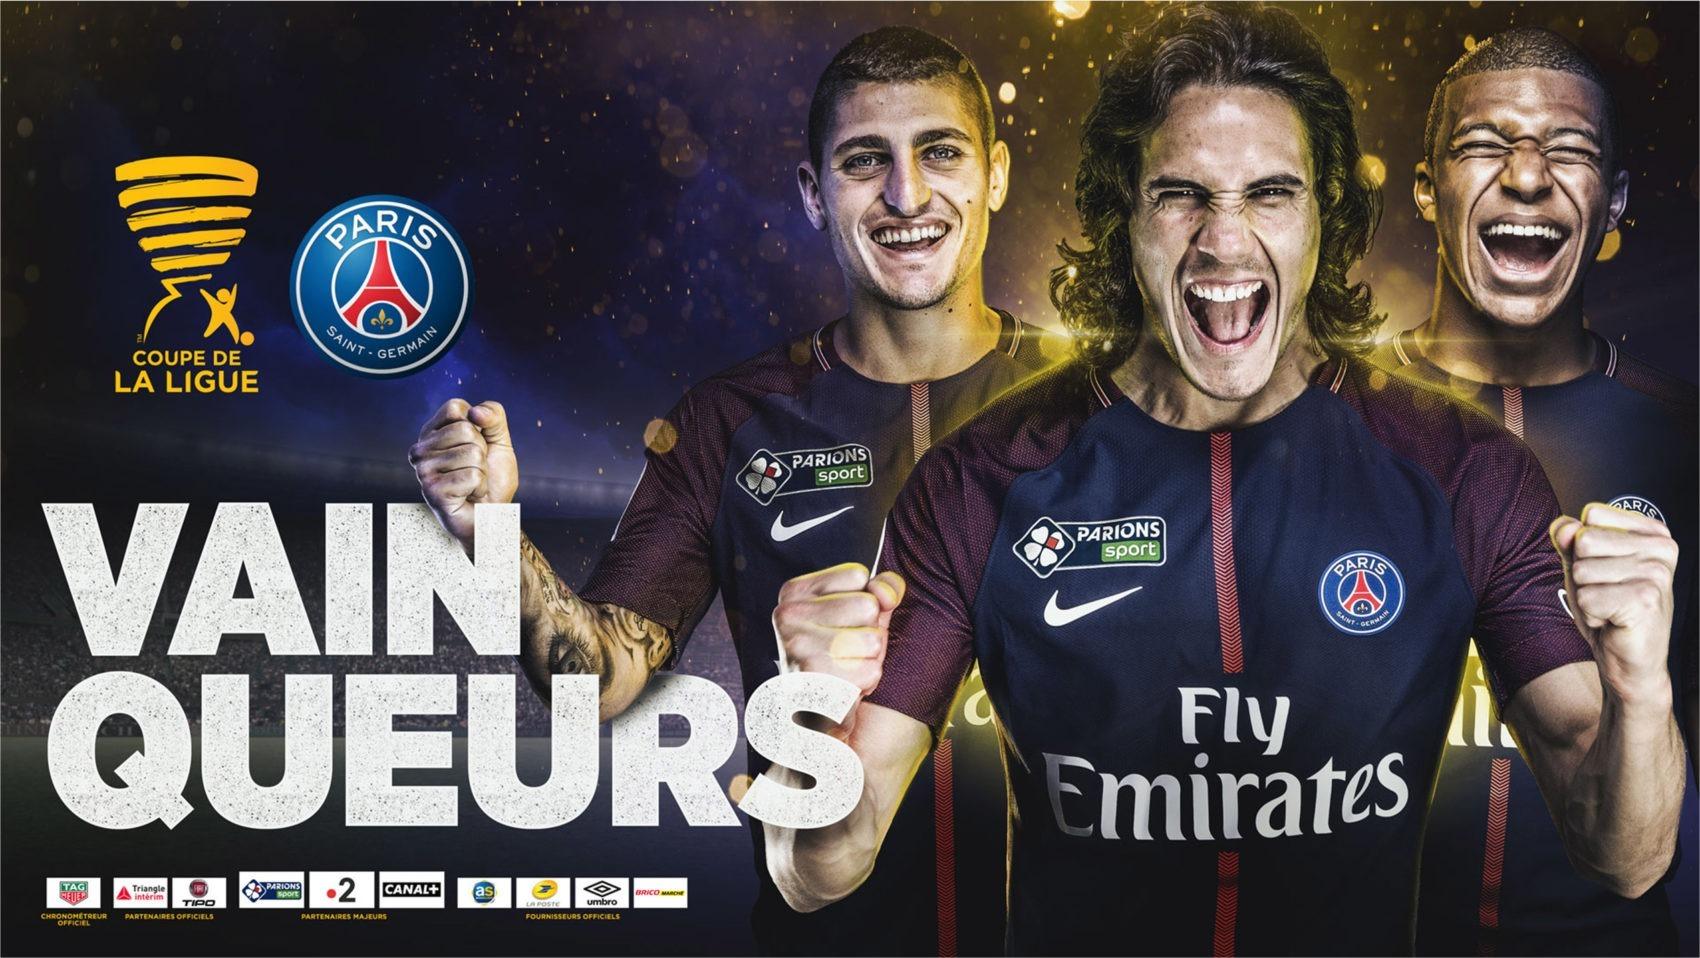 LFP_Ligue_de_football_professionnel_Coupe_de_la_ligue